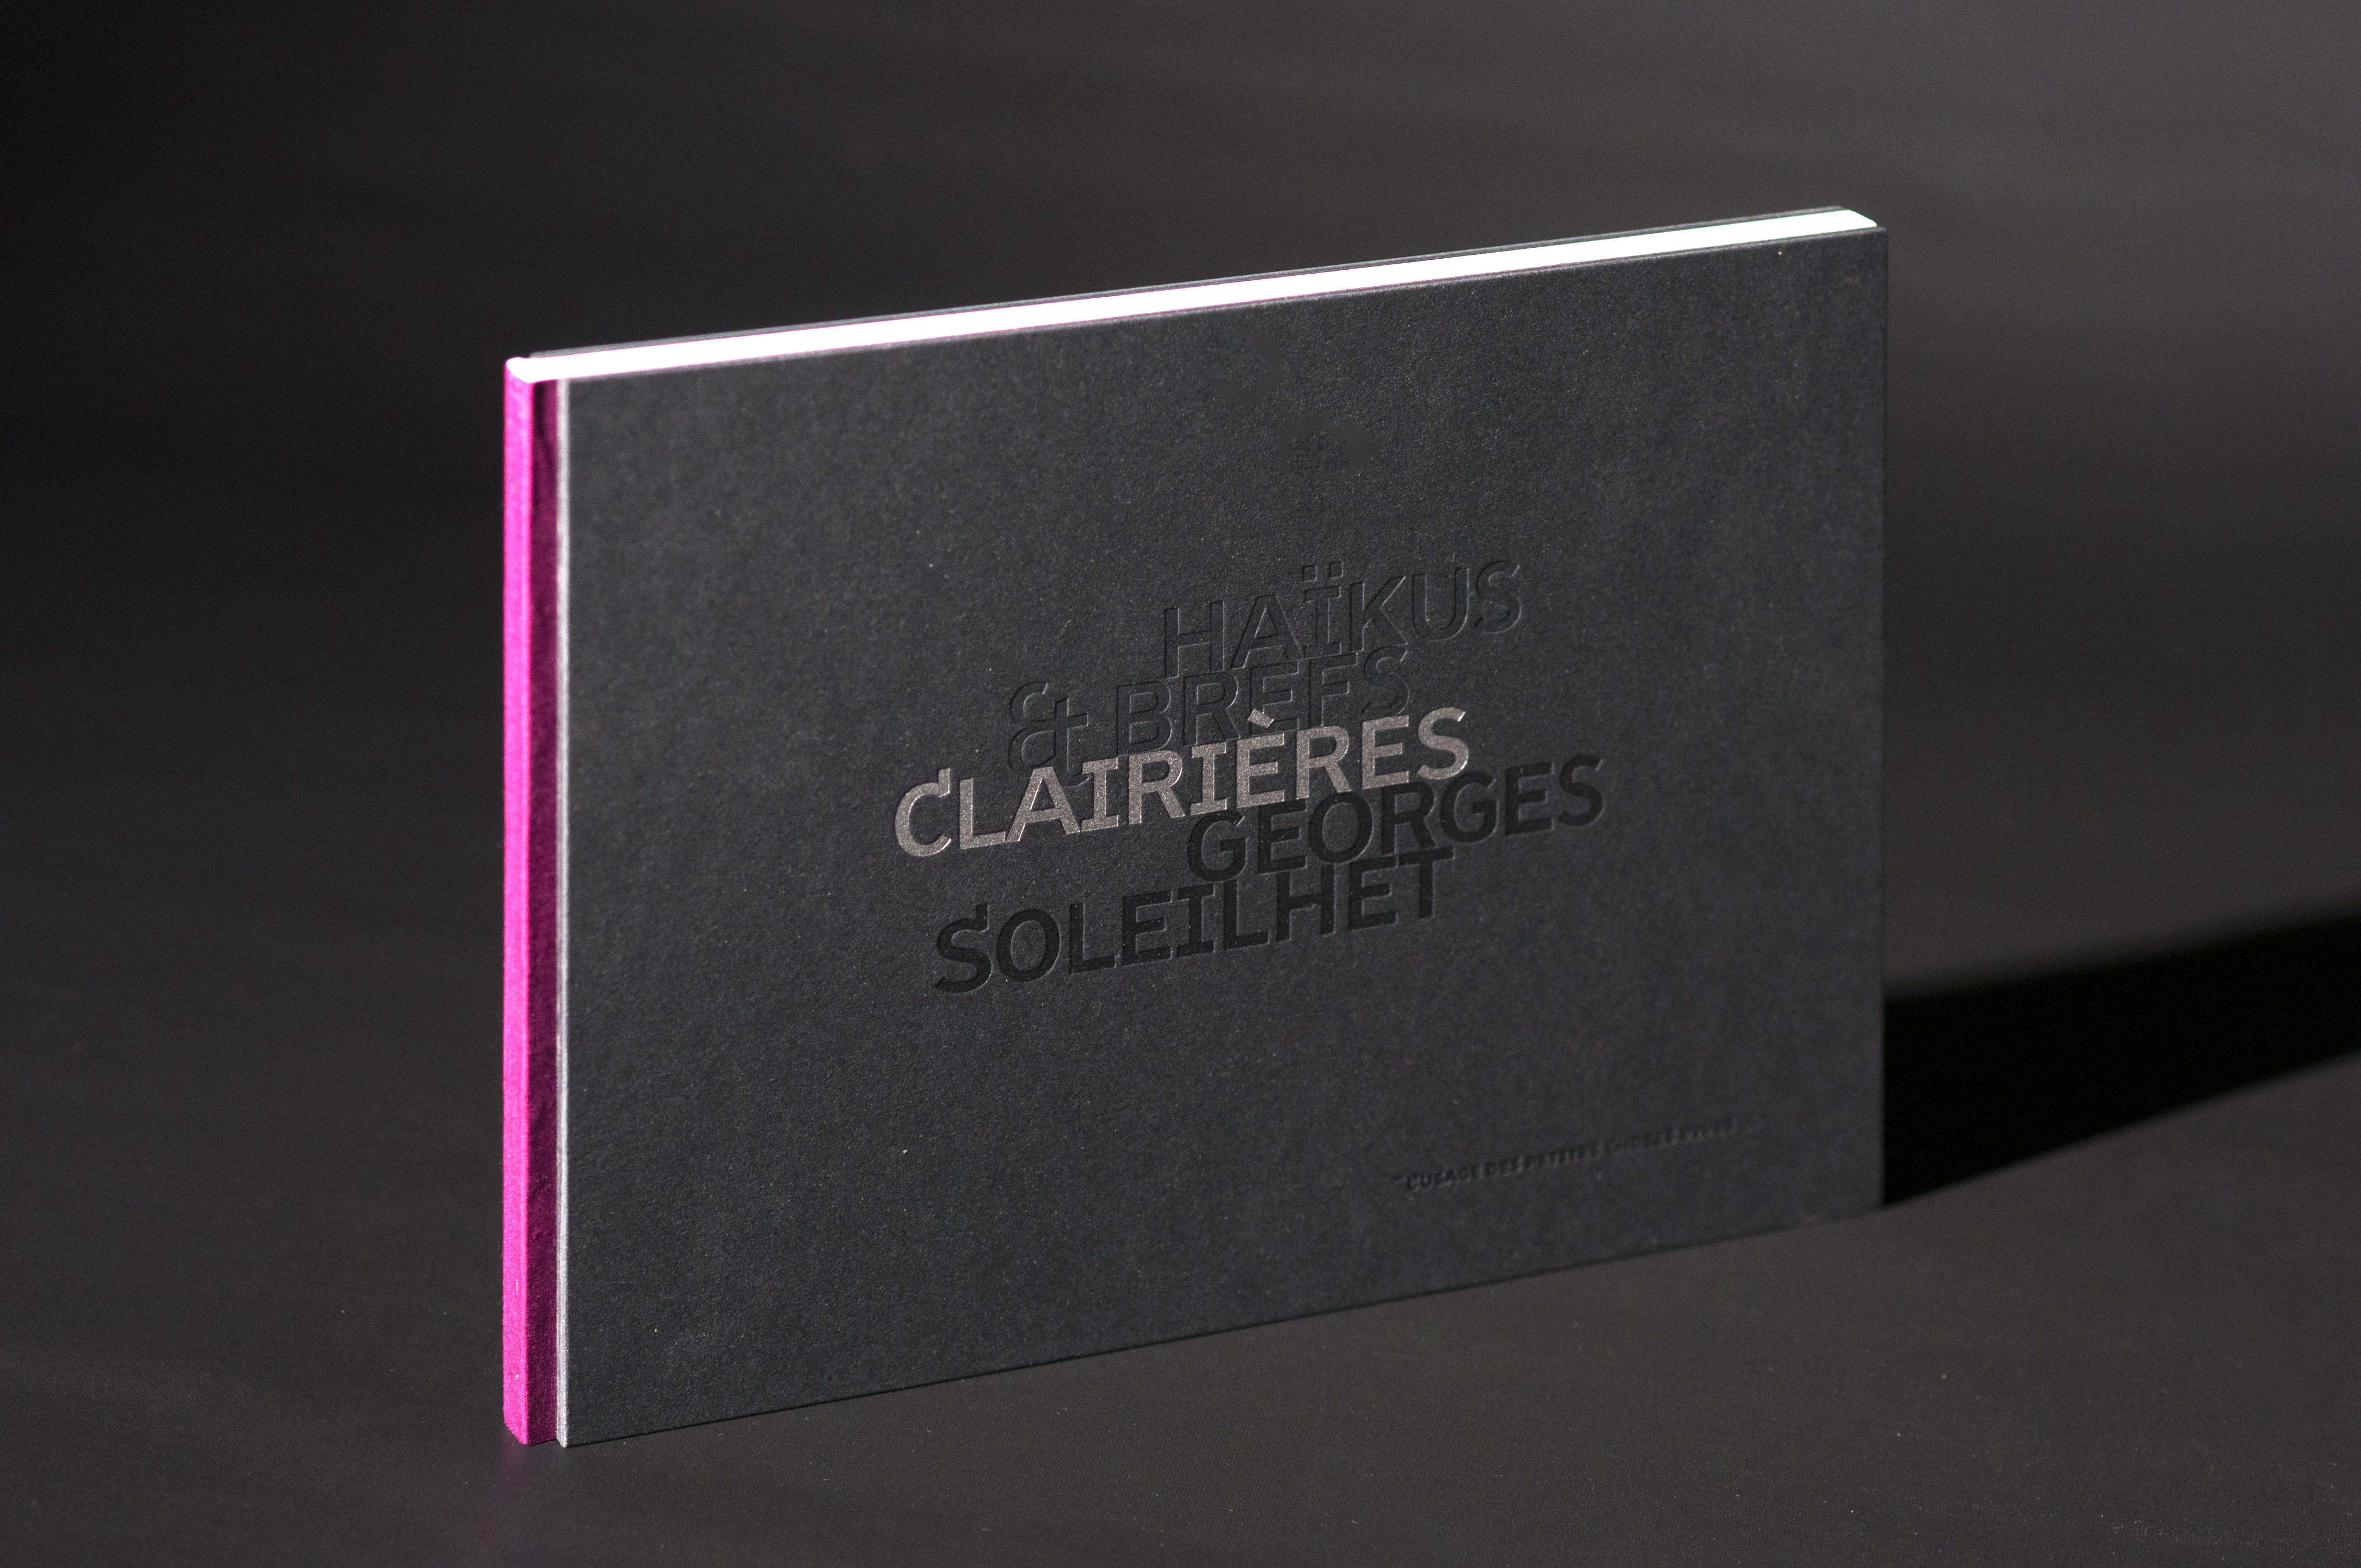 Couverture de livre - Georges Soleilhet